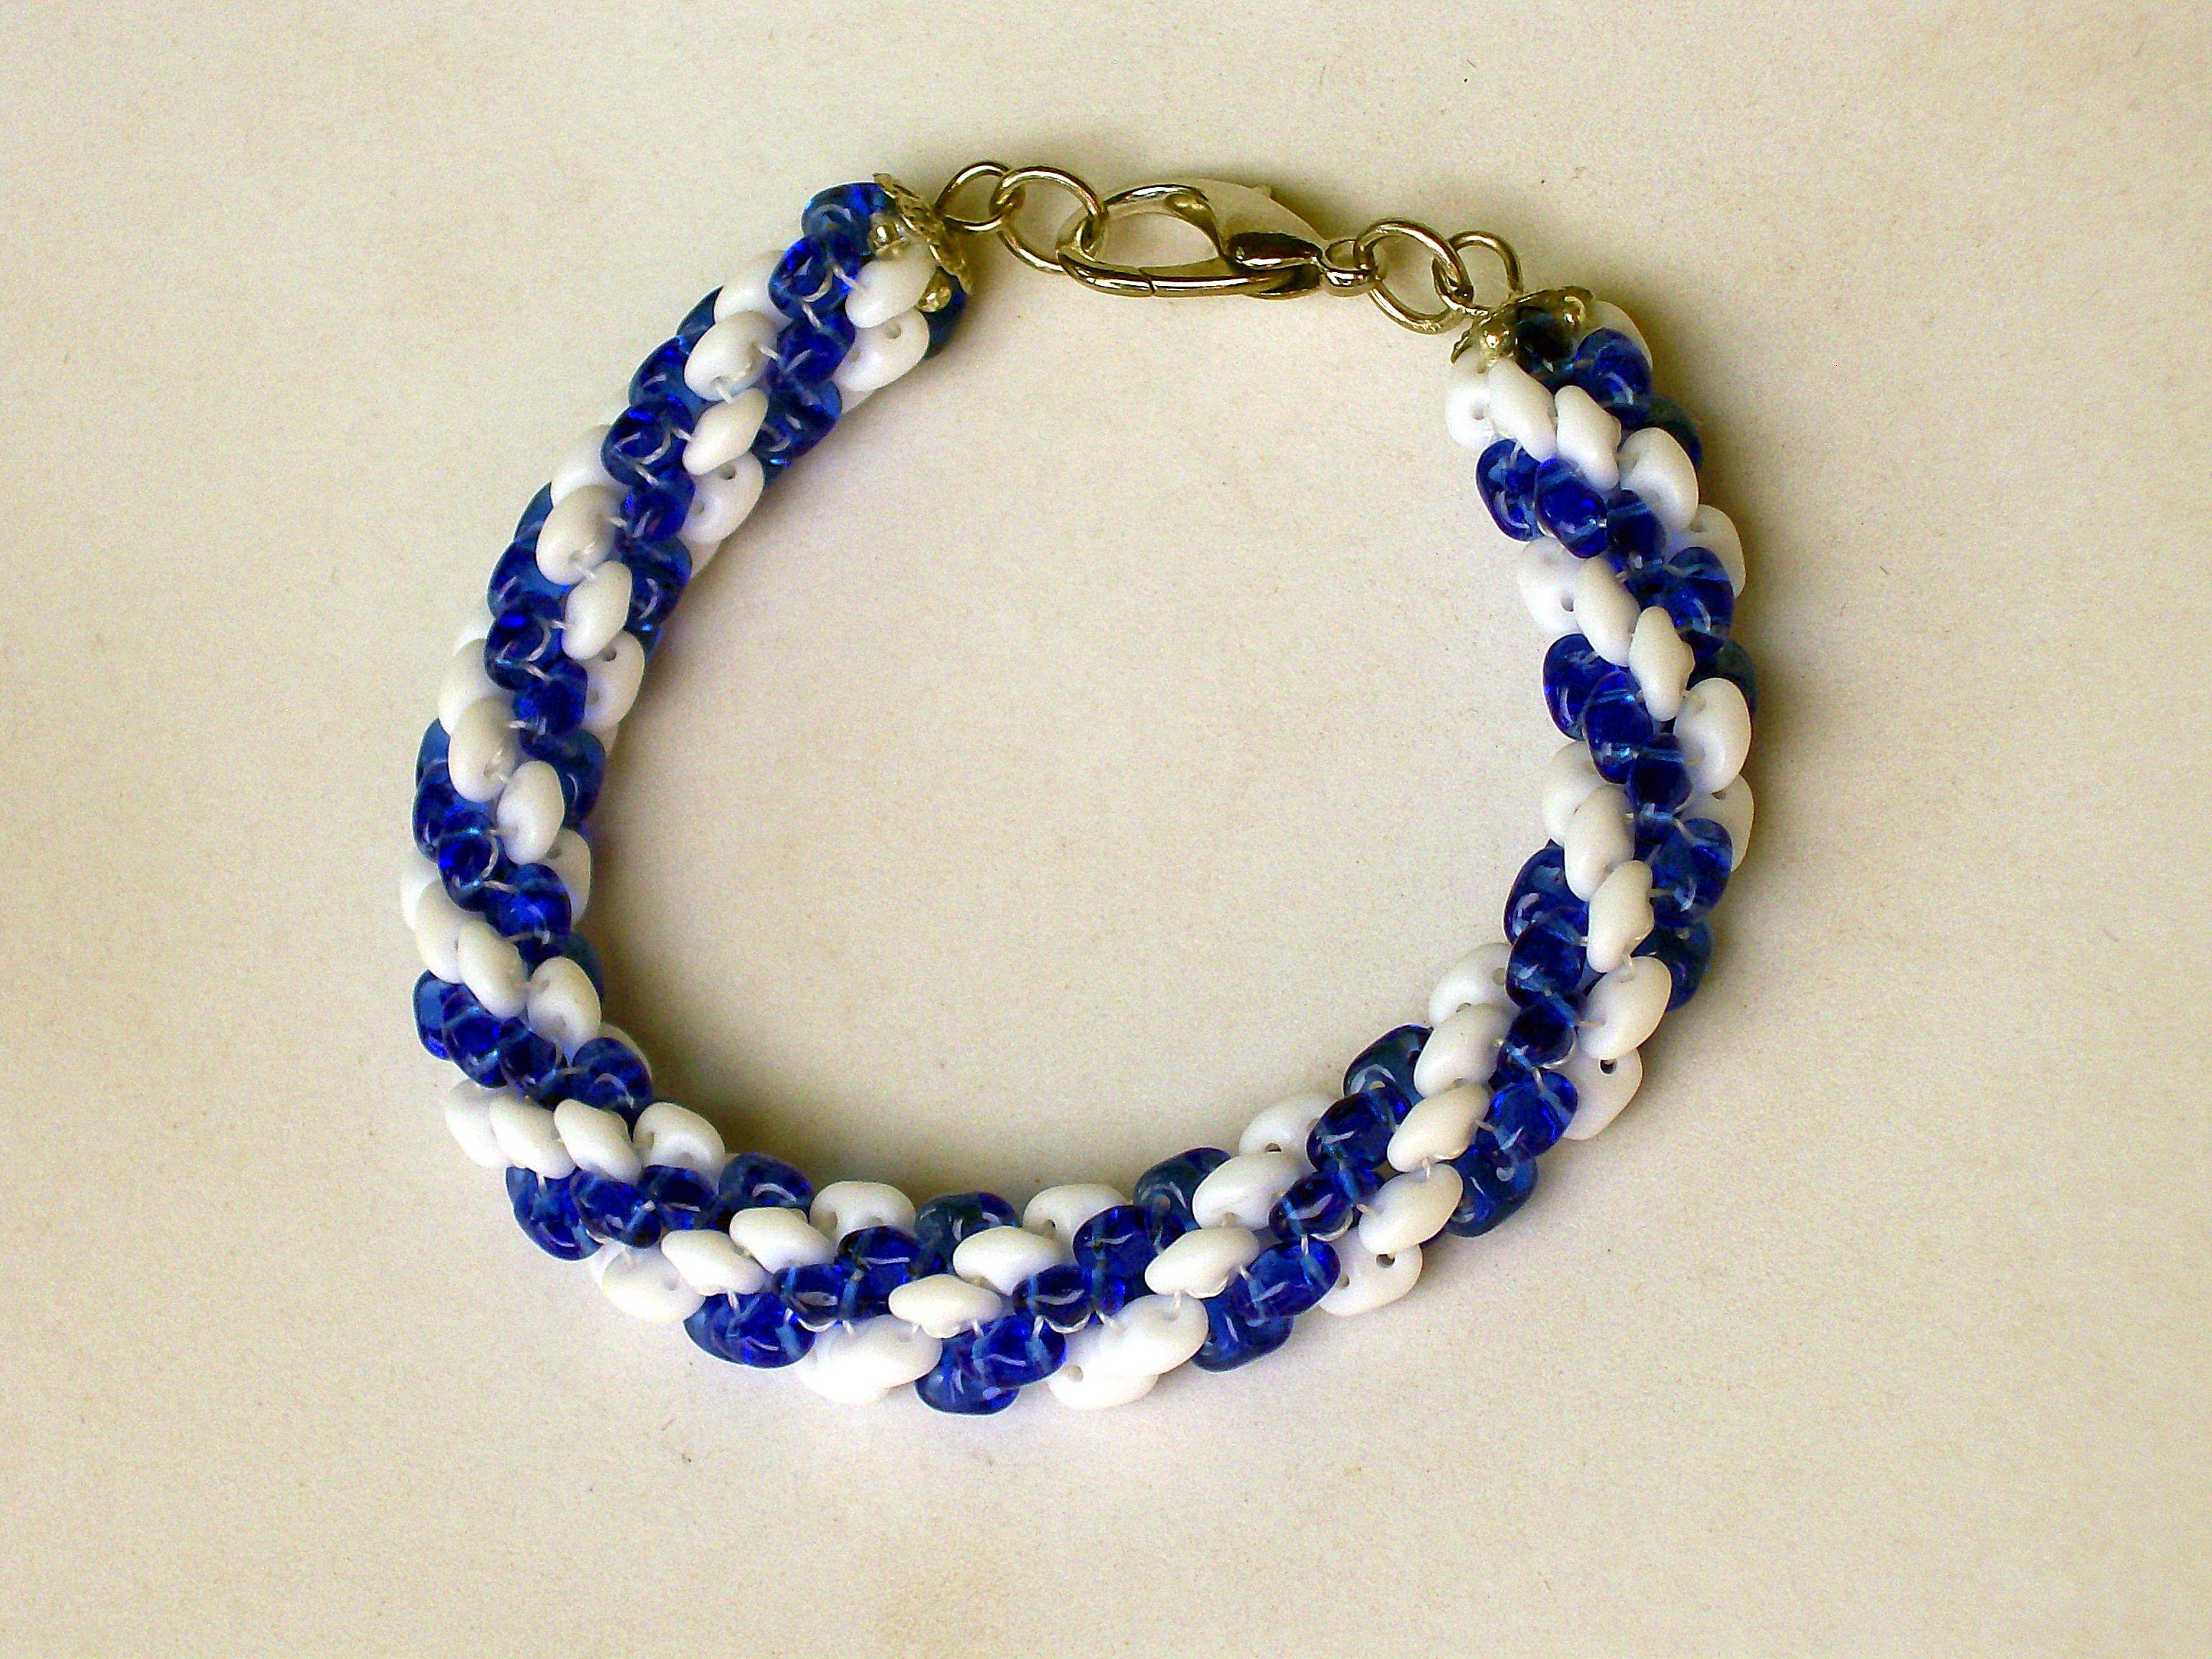 Esta pulseira tubular é confeccionada com Superduos.  Vai muito bem com roupas esportivas. http://www.elo7.com.br/pulseira-tubular-azul-e-branco/dp/47CFA6